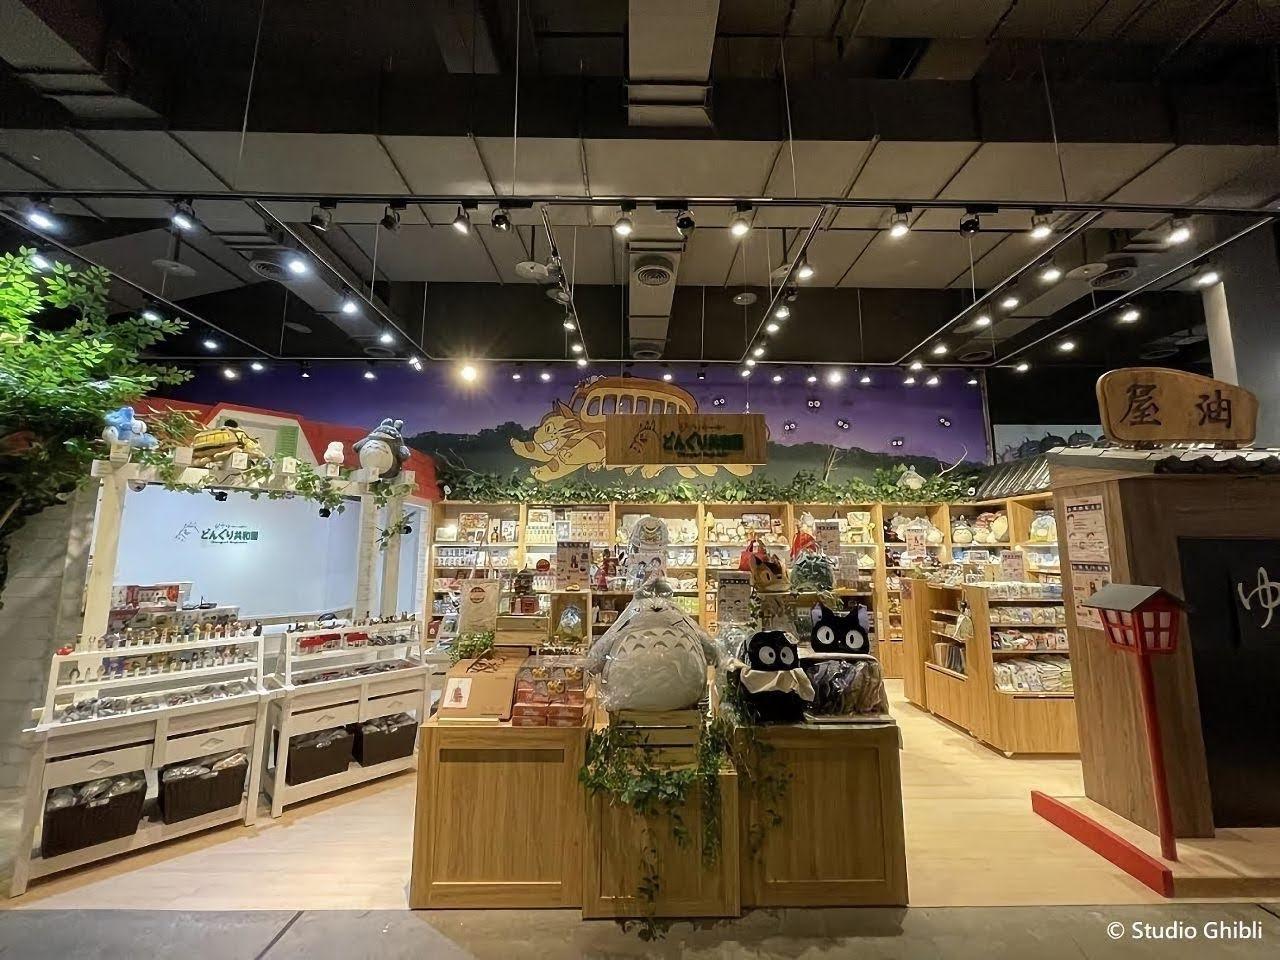 吉卜力工作室官方授權商品店 橡子共和國台南店 3/18小西門B1正式開幕